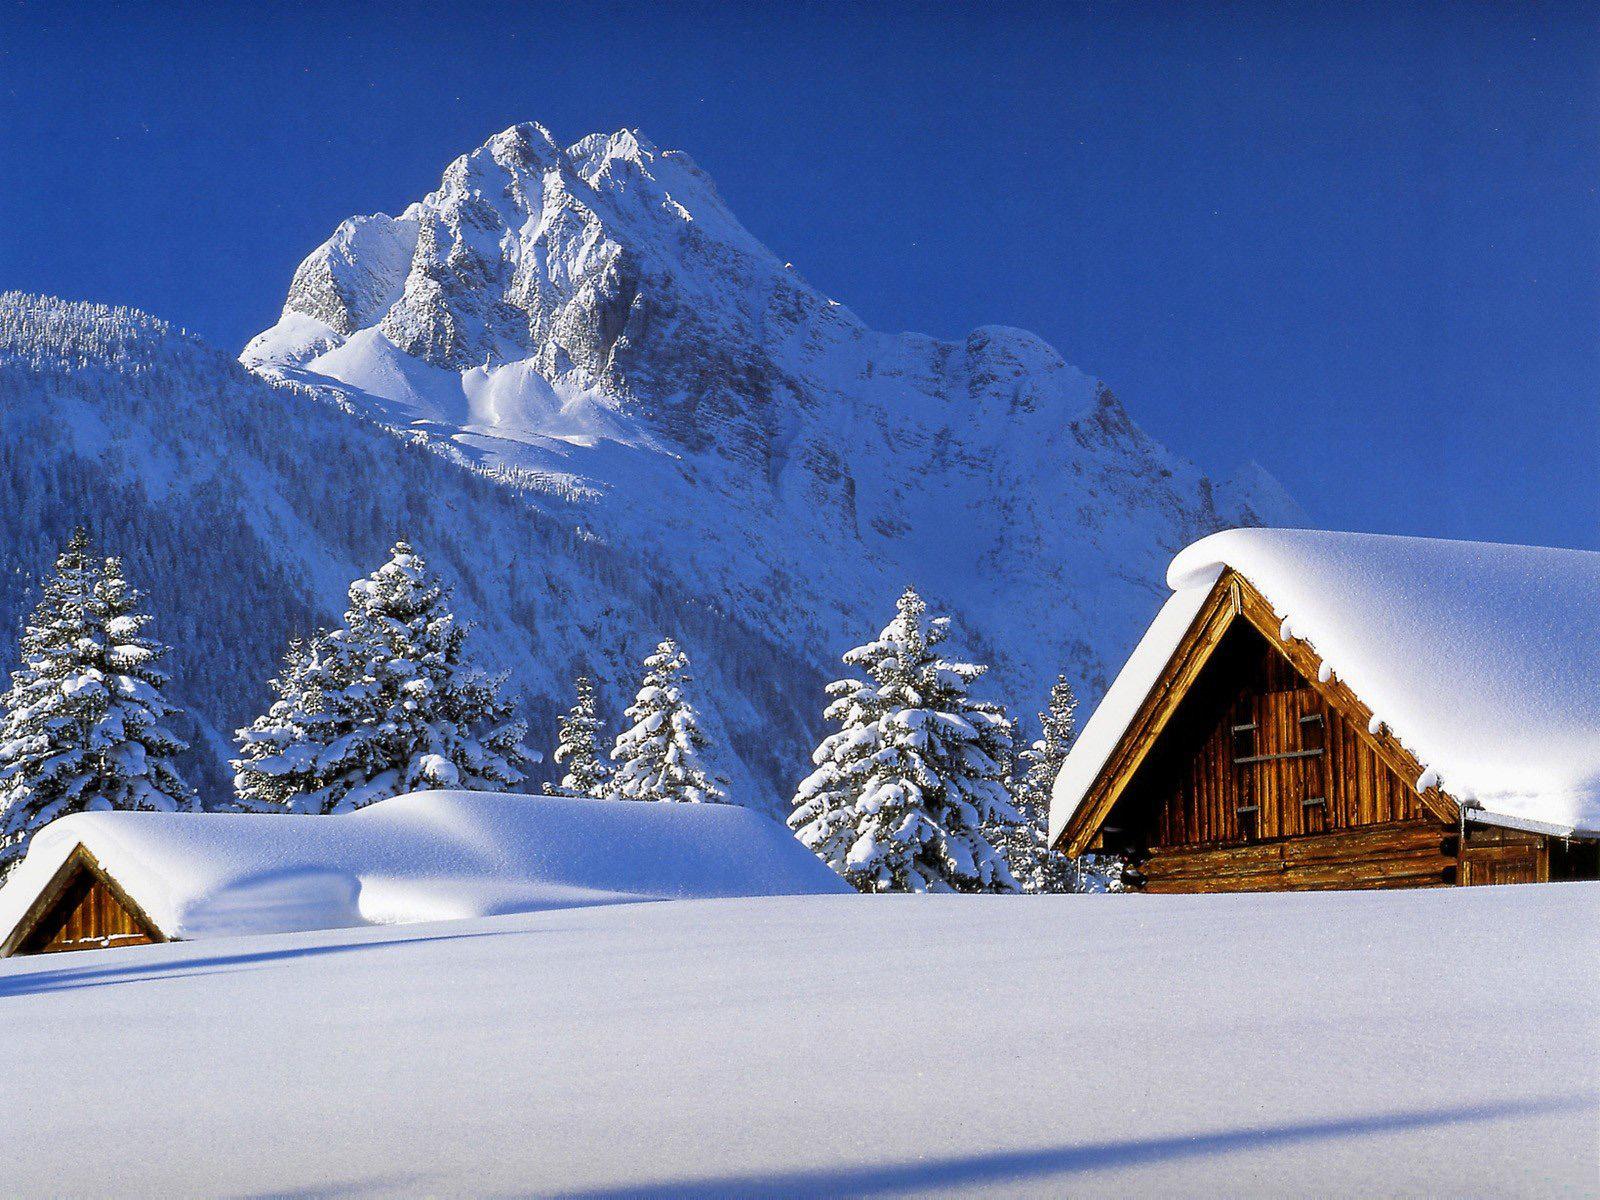 weihnachten winter weihnachten schnee. Black Bedroom Furniture Sets. Home Design Ideas